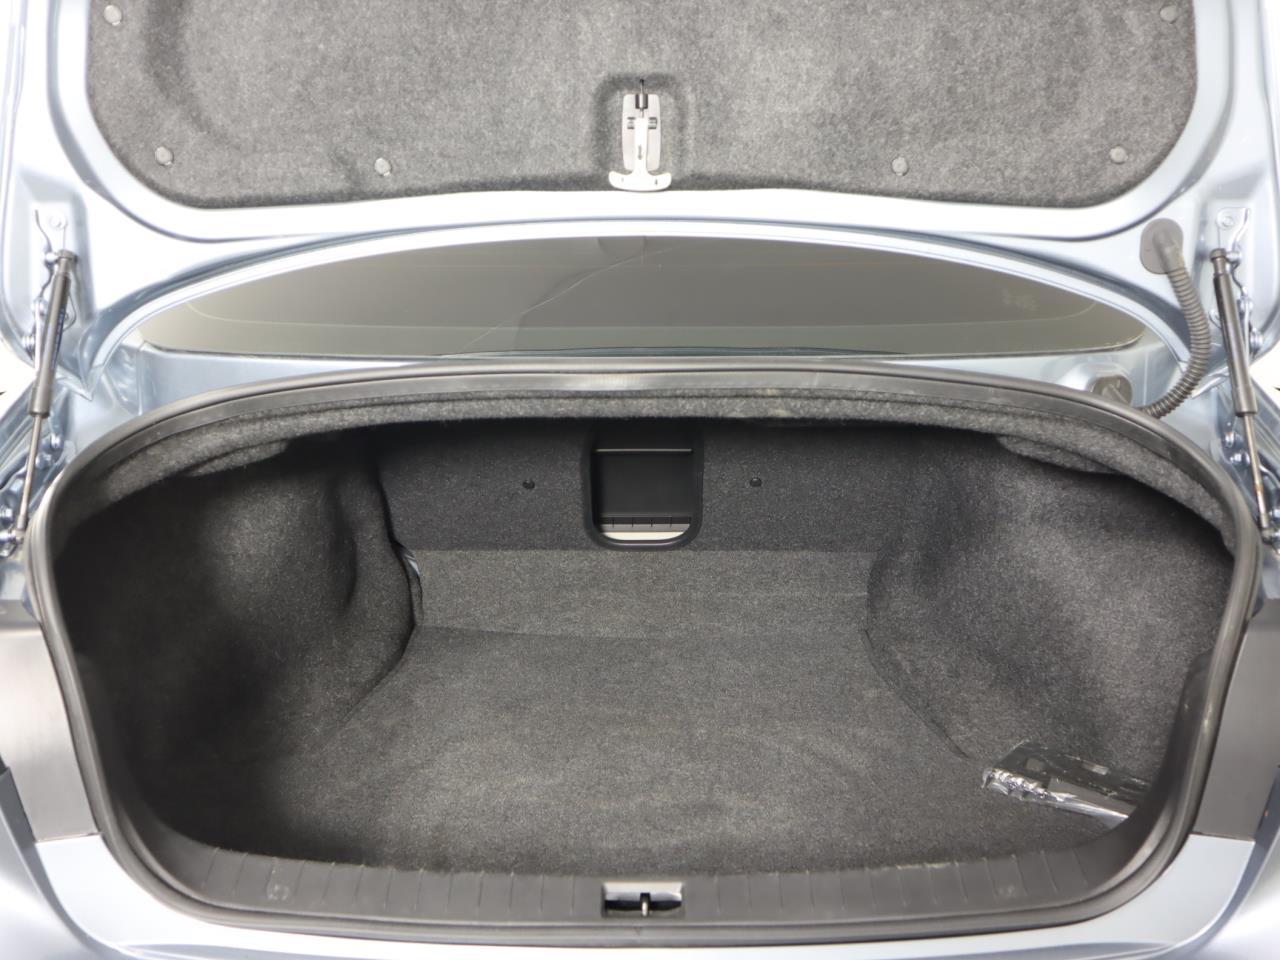 used vehicle - Sedan INFINITI Q50 2020